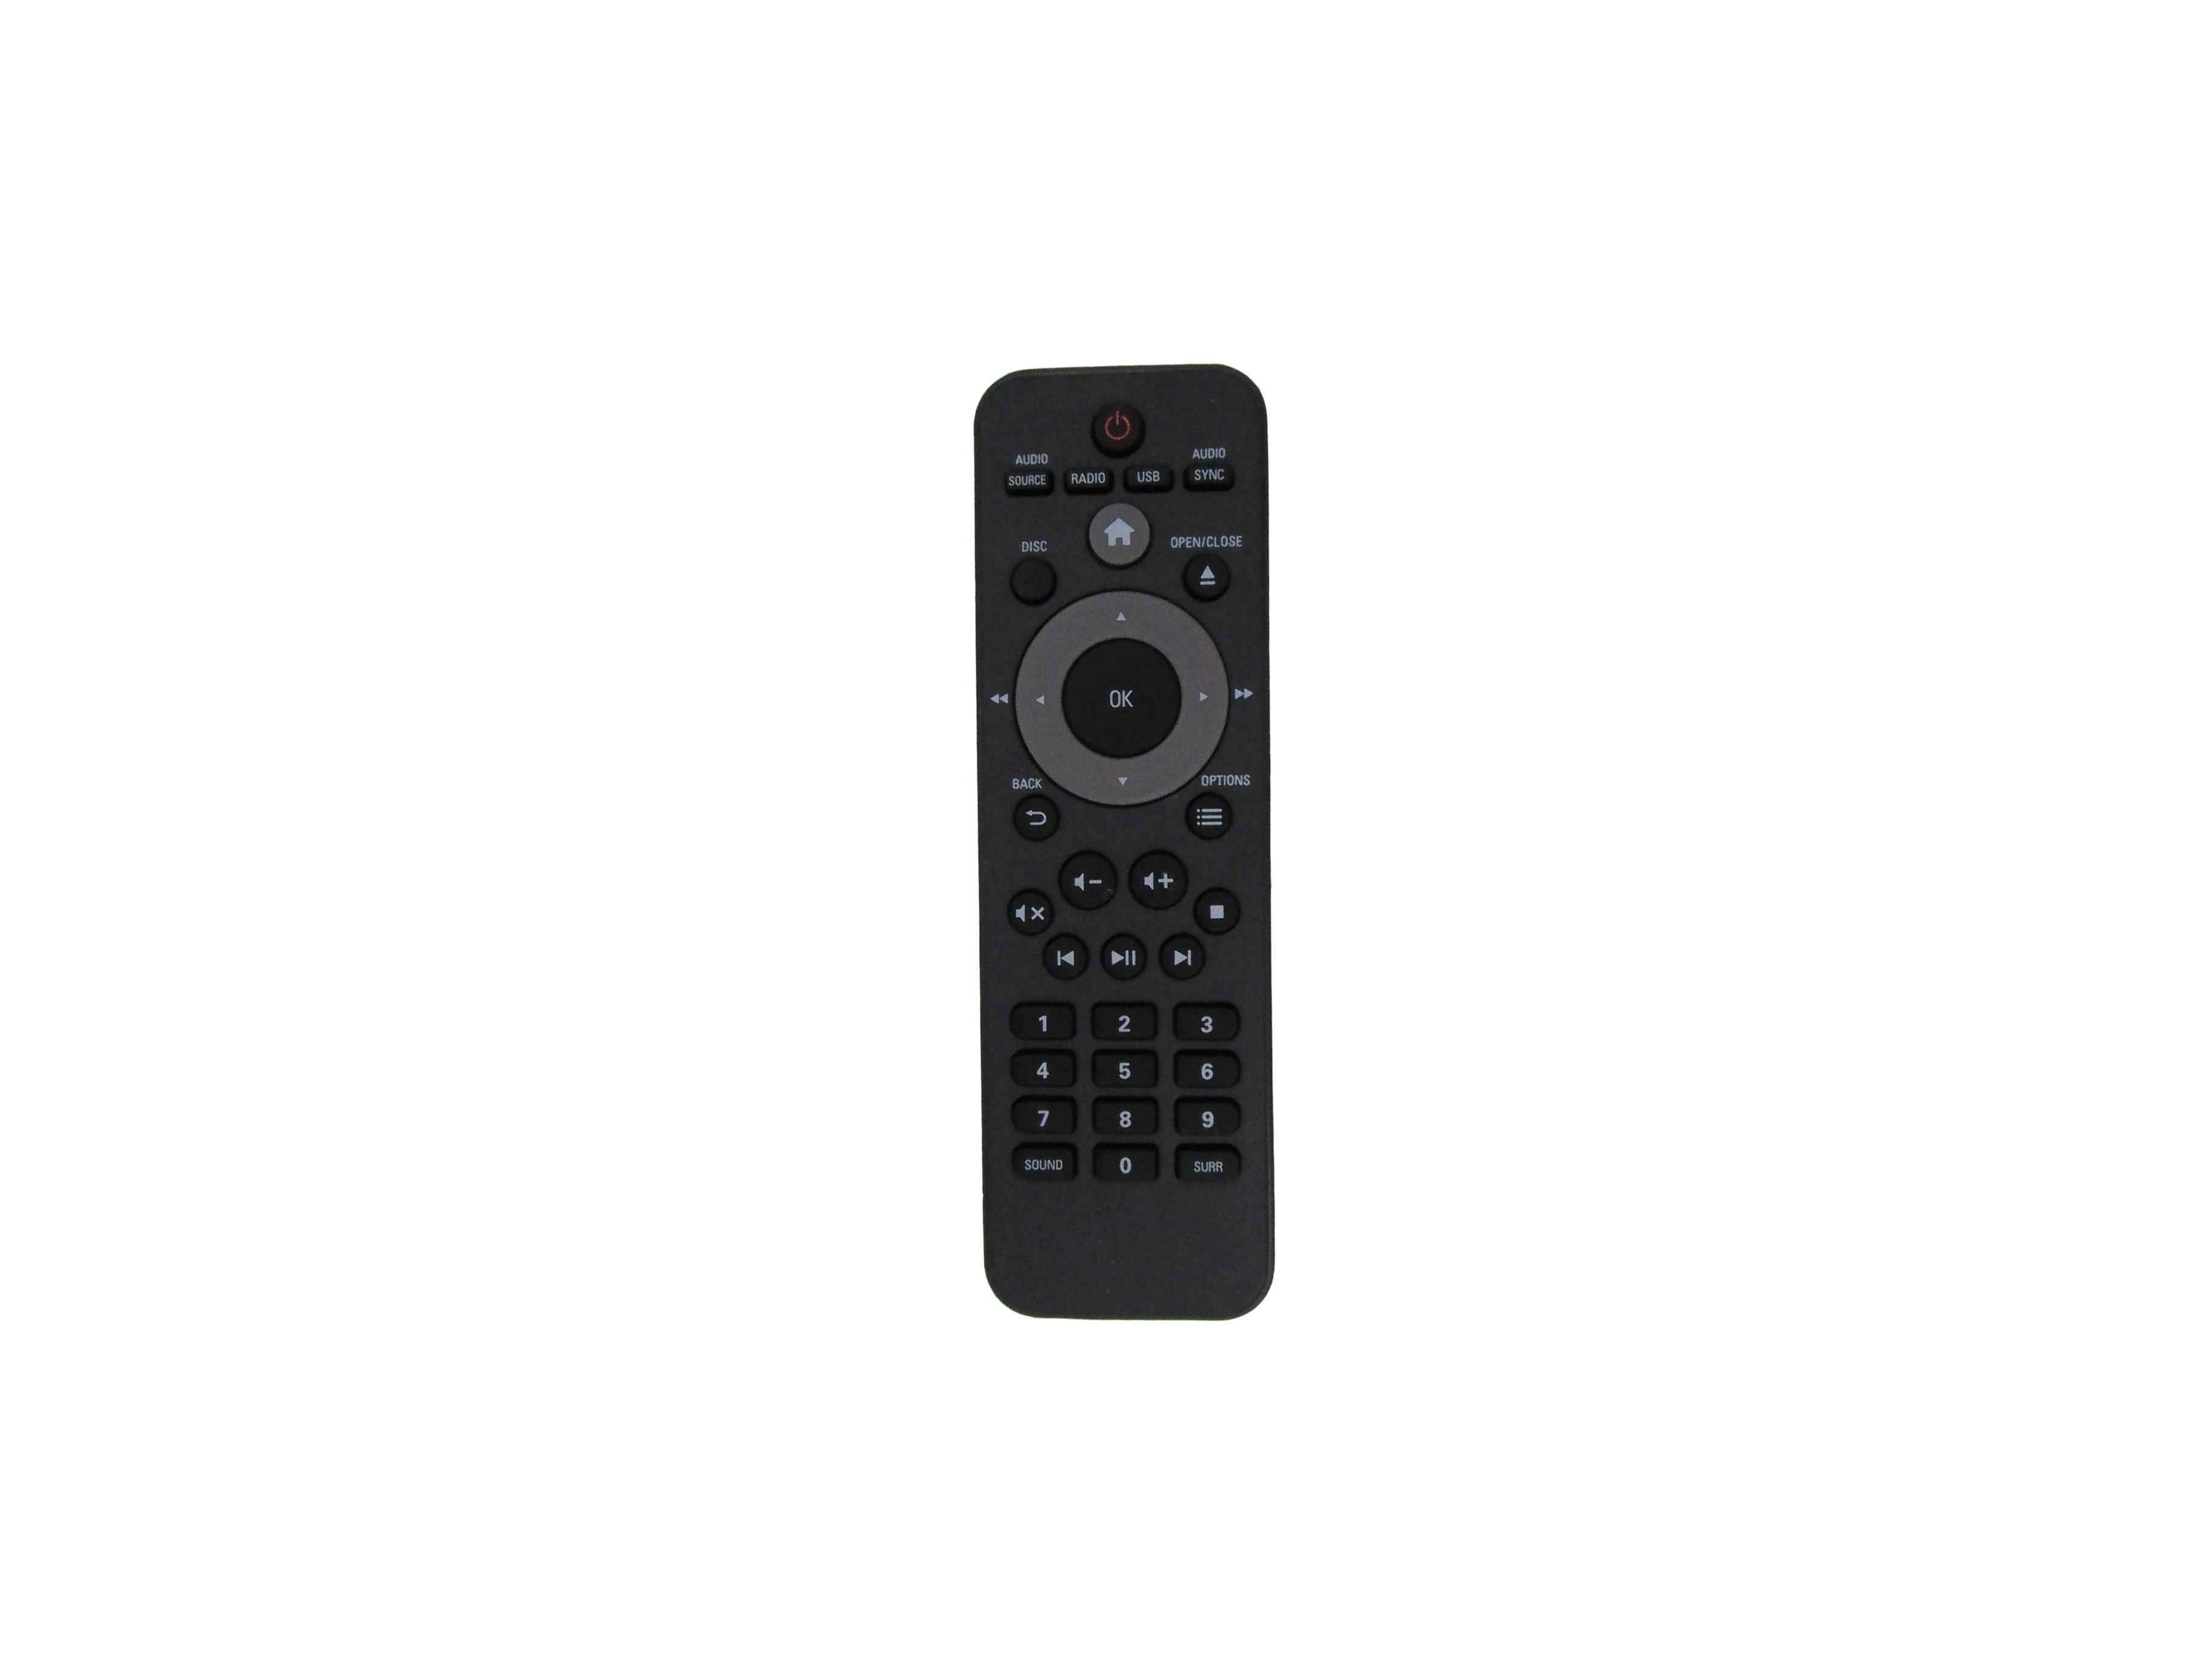 Control remoto para Philips HTD5510/55 HTD5510/94 HTD5570/12 HTD5570/51 HTD3540/12 HTD3540/93 HTD3540/98 DVD sistema de cine en casa